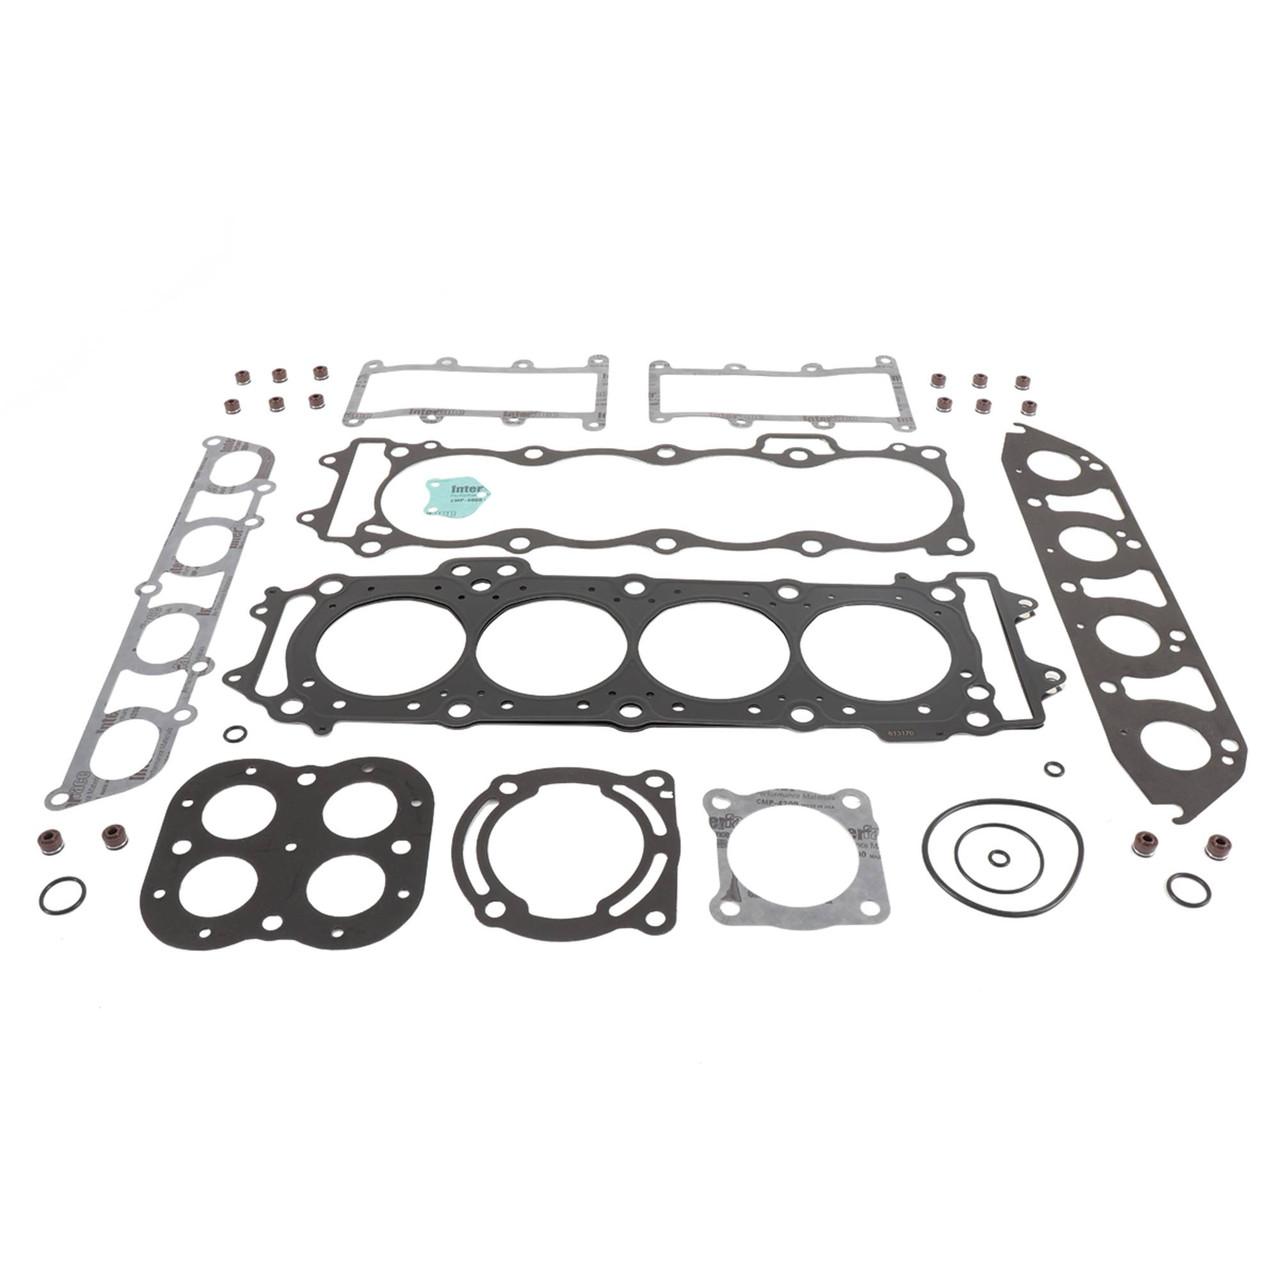 JT1500 Ultra 260LX//X 09-10 610419 for Kawasaki JT1500 Ultra 250X 07-08 Vertex Top Gasket Kit